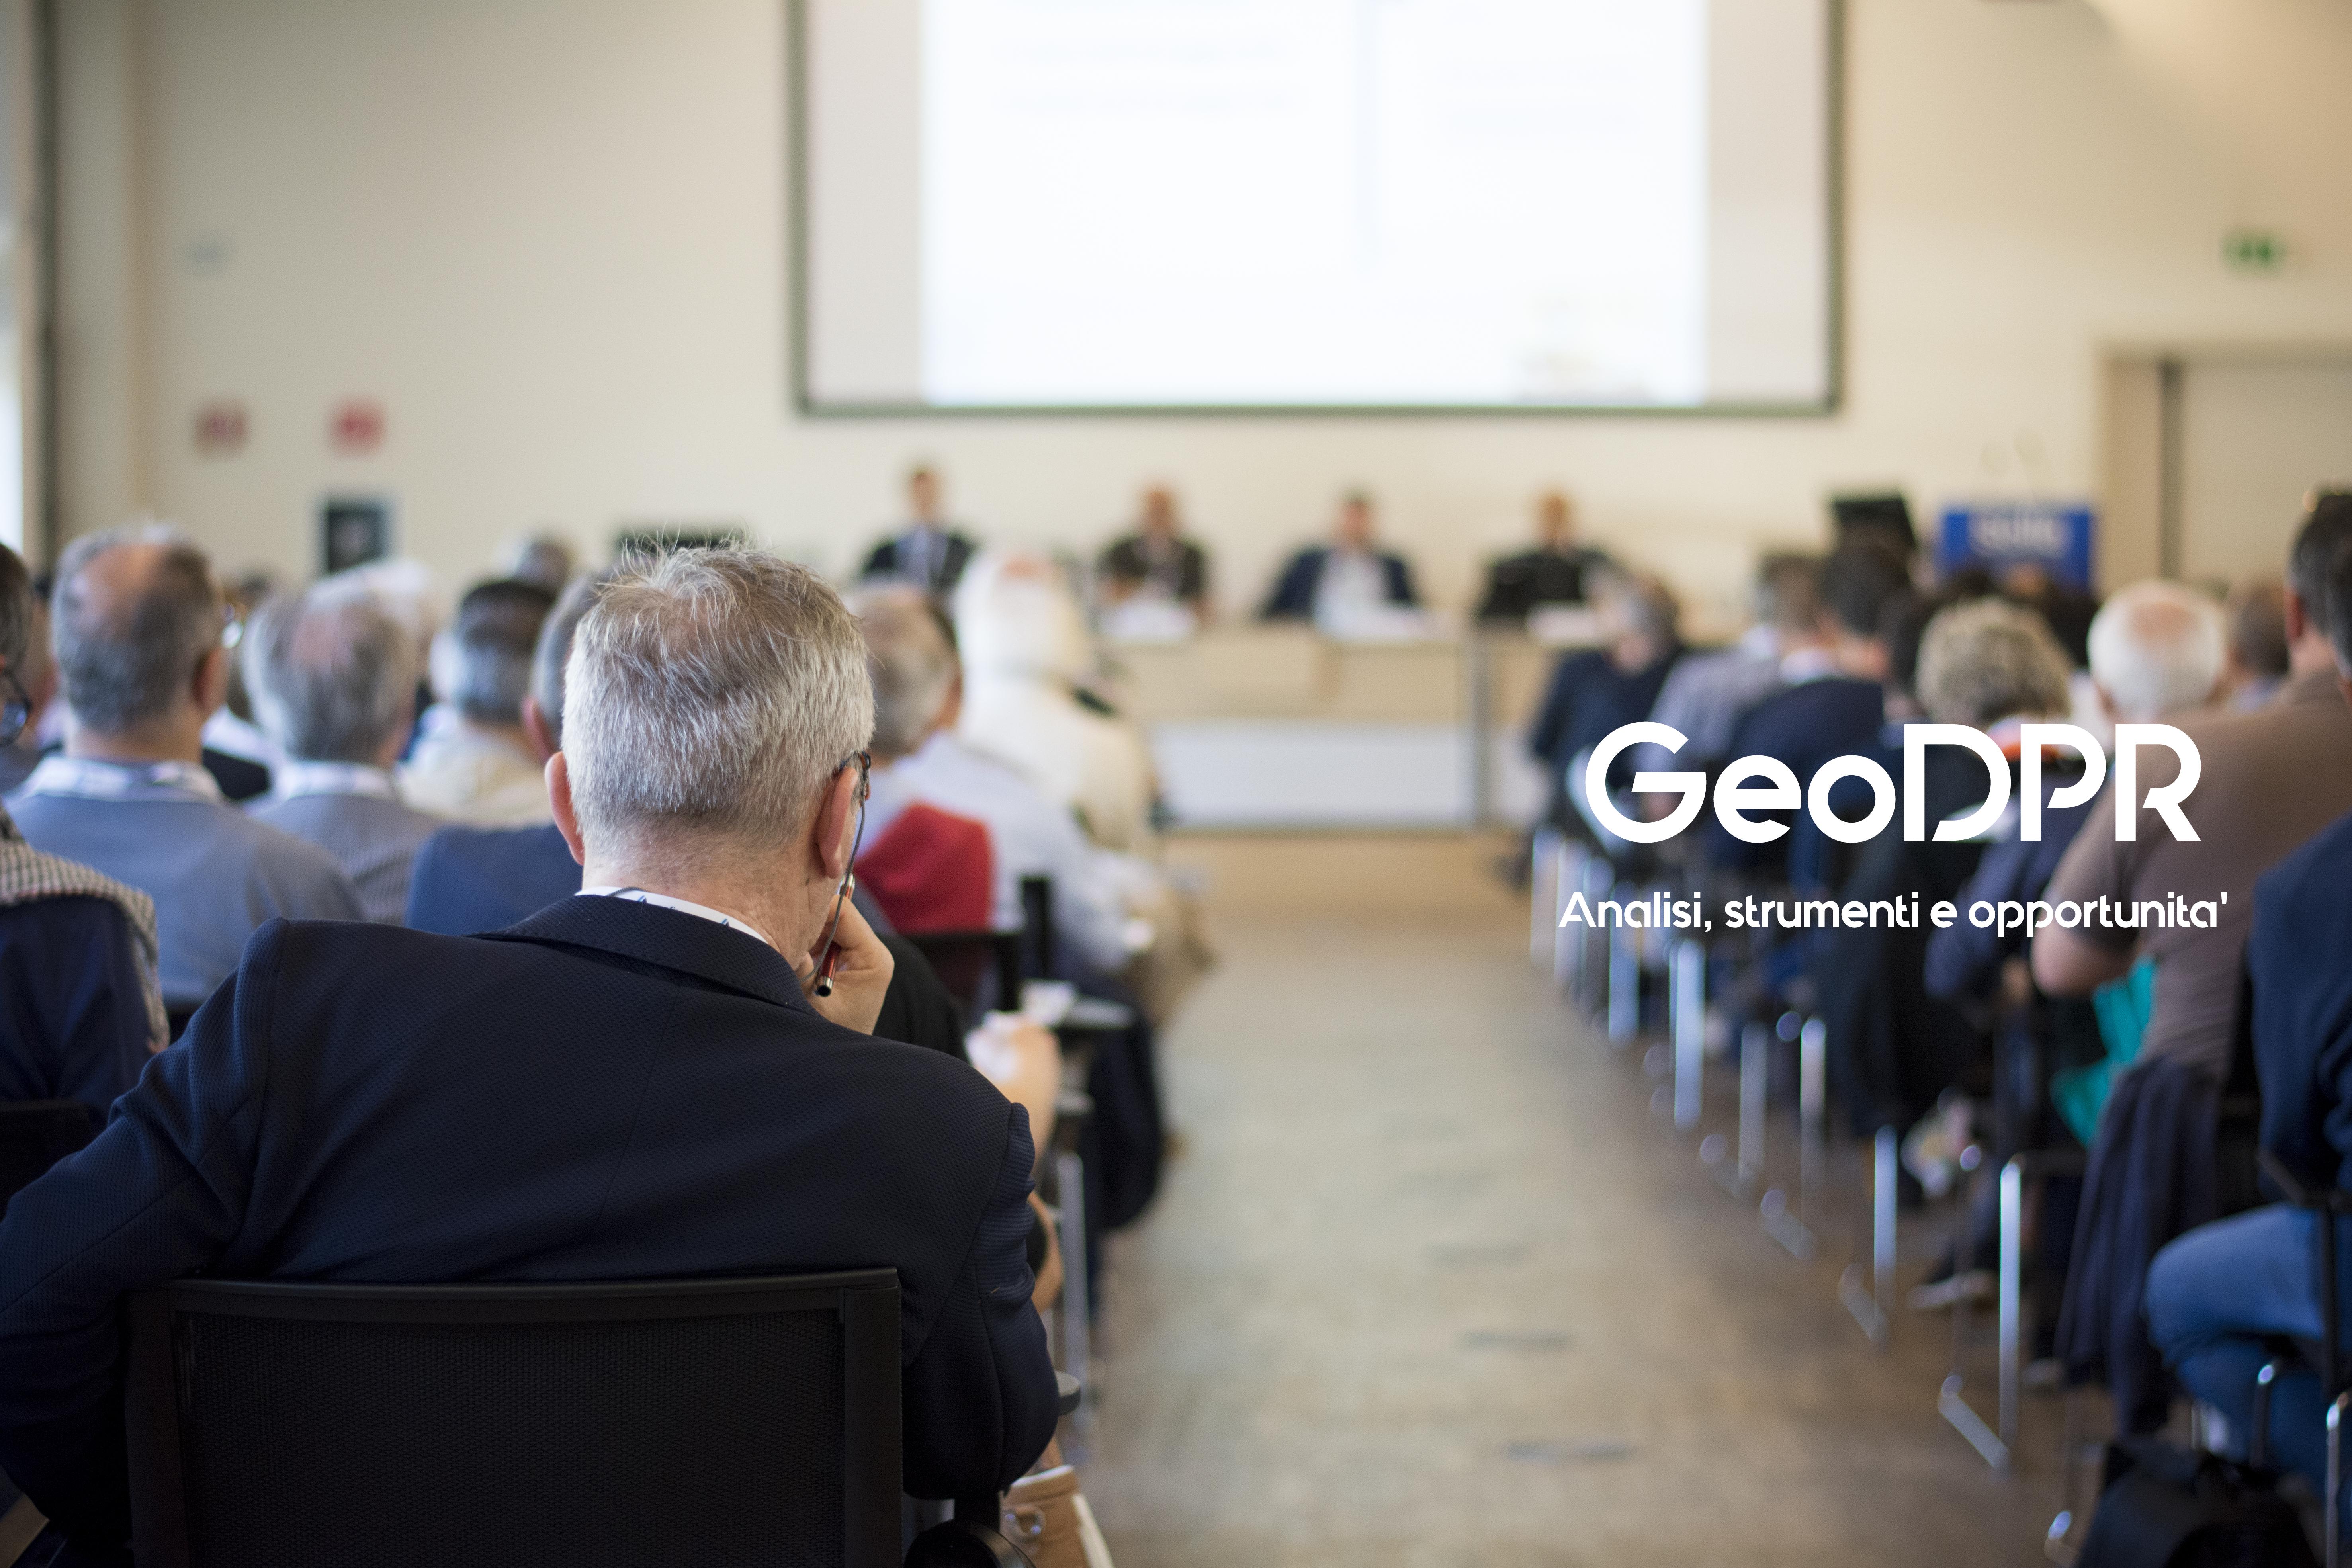 GeoDPR: analisi, strumenti e opportunità